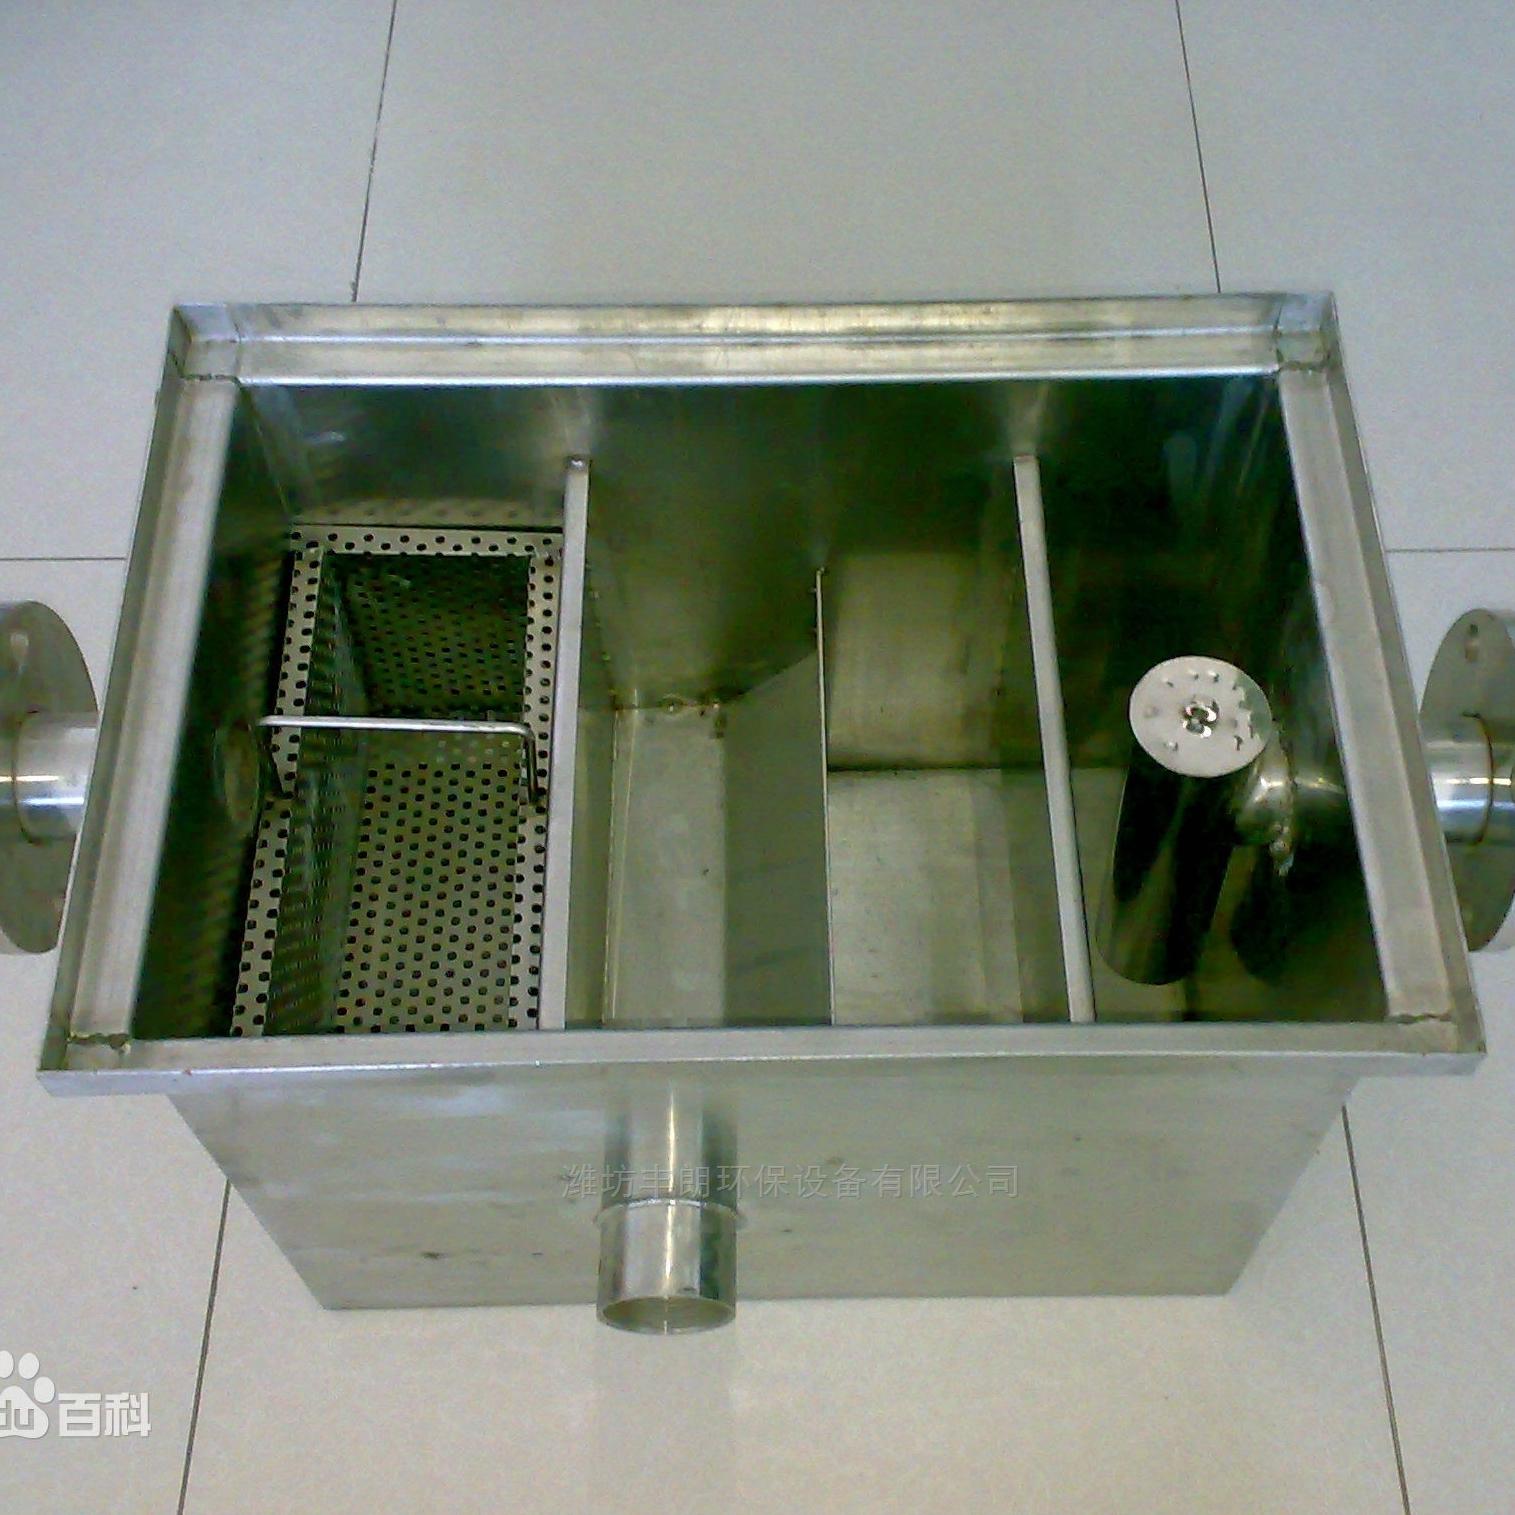 餐饮废水一体化隔油池设备厂家